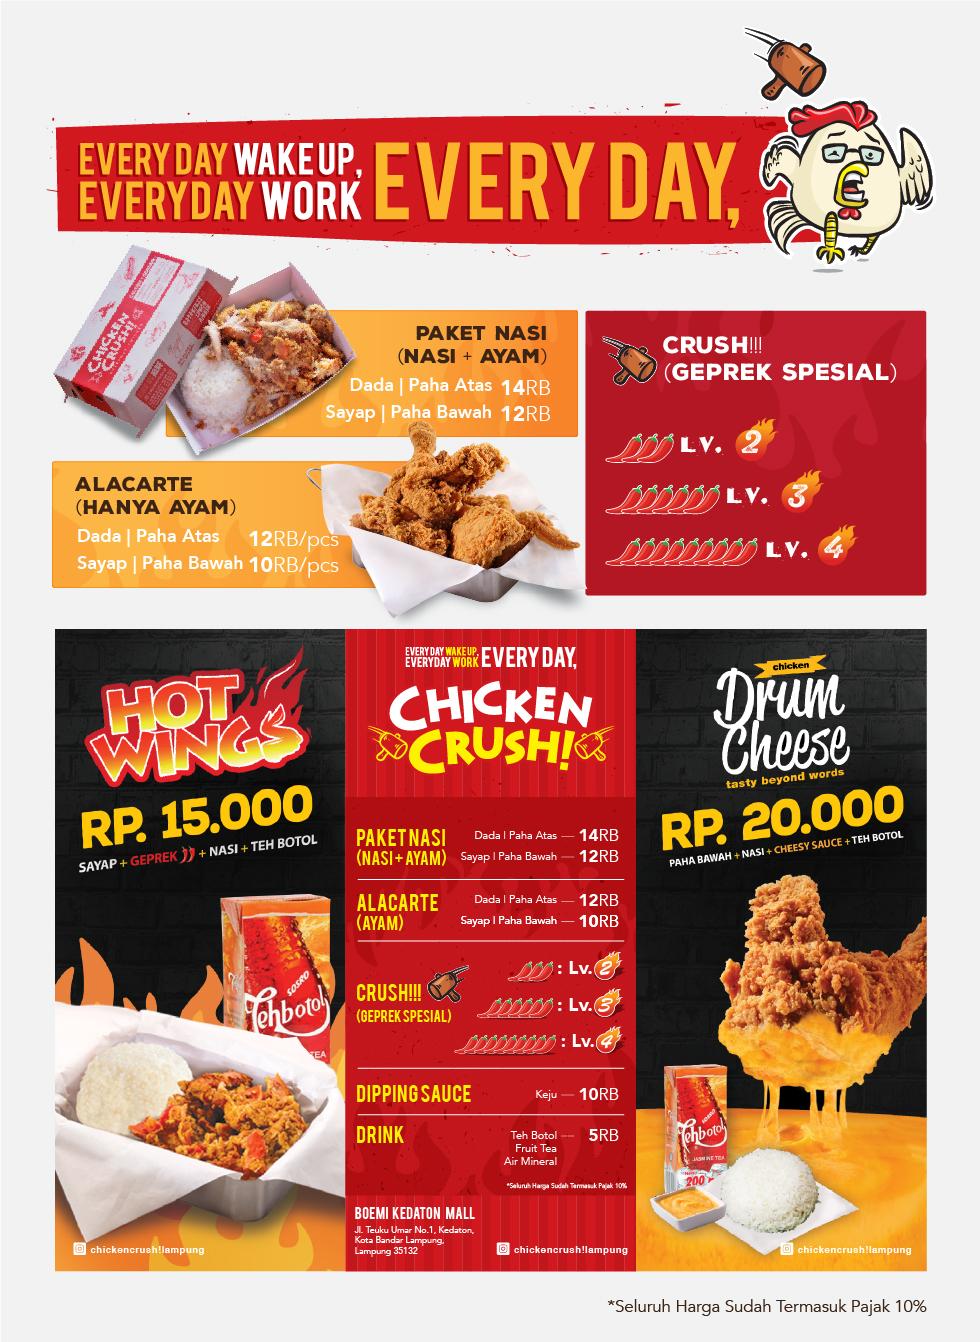 Chicken Crush Franchise Kuliner Ayam Geprek